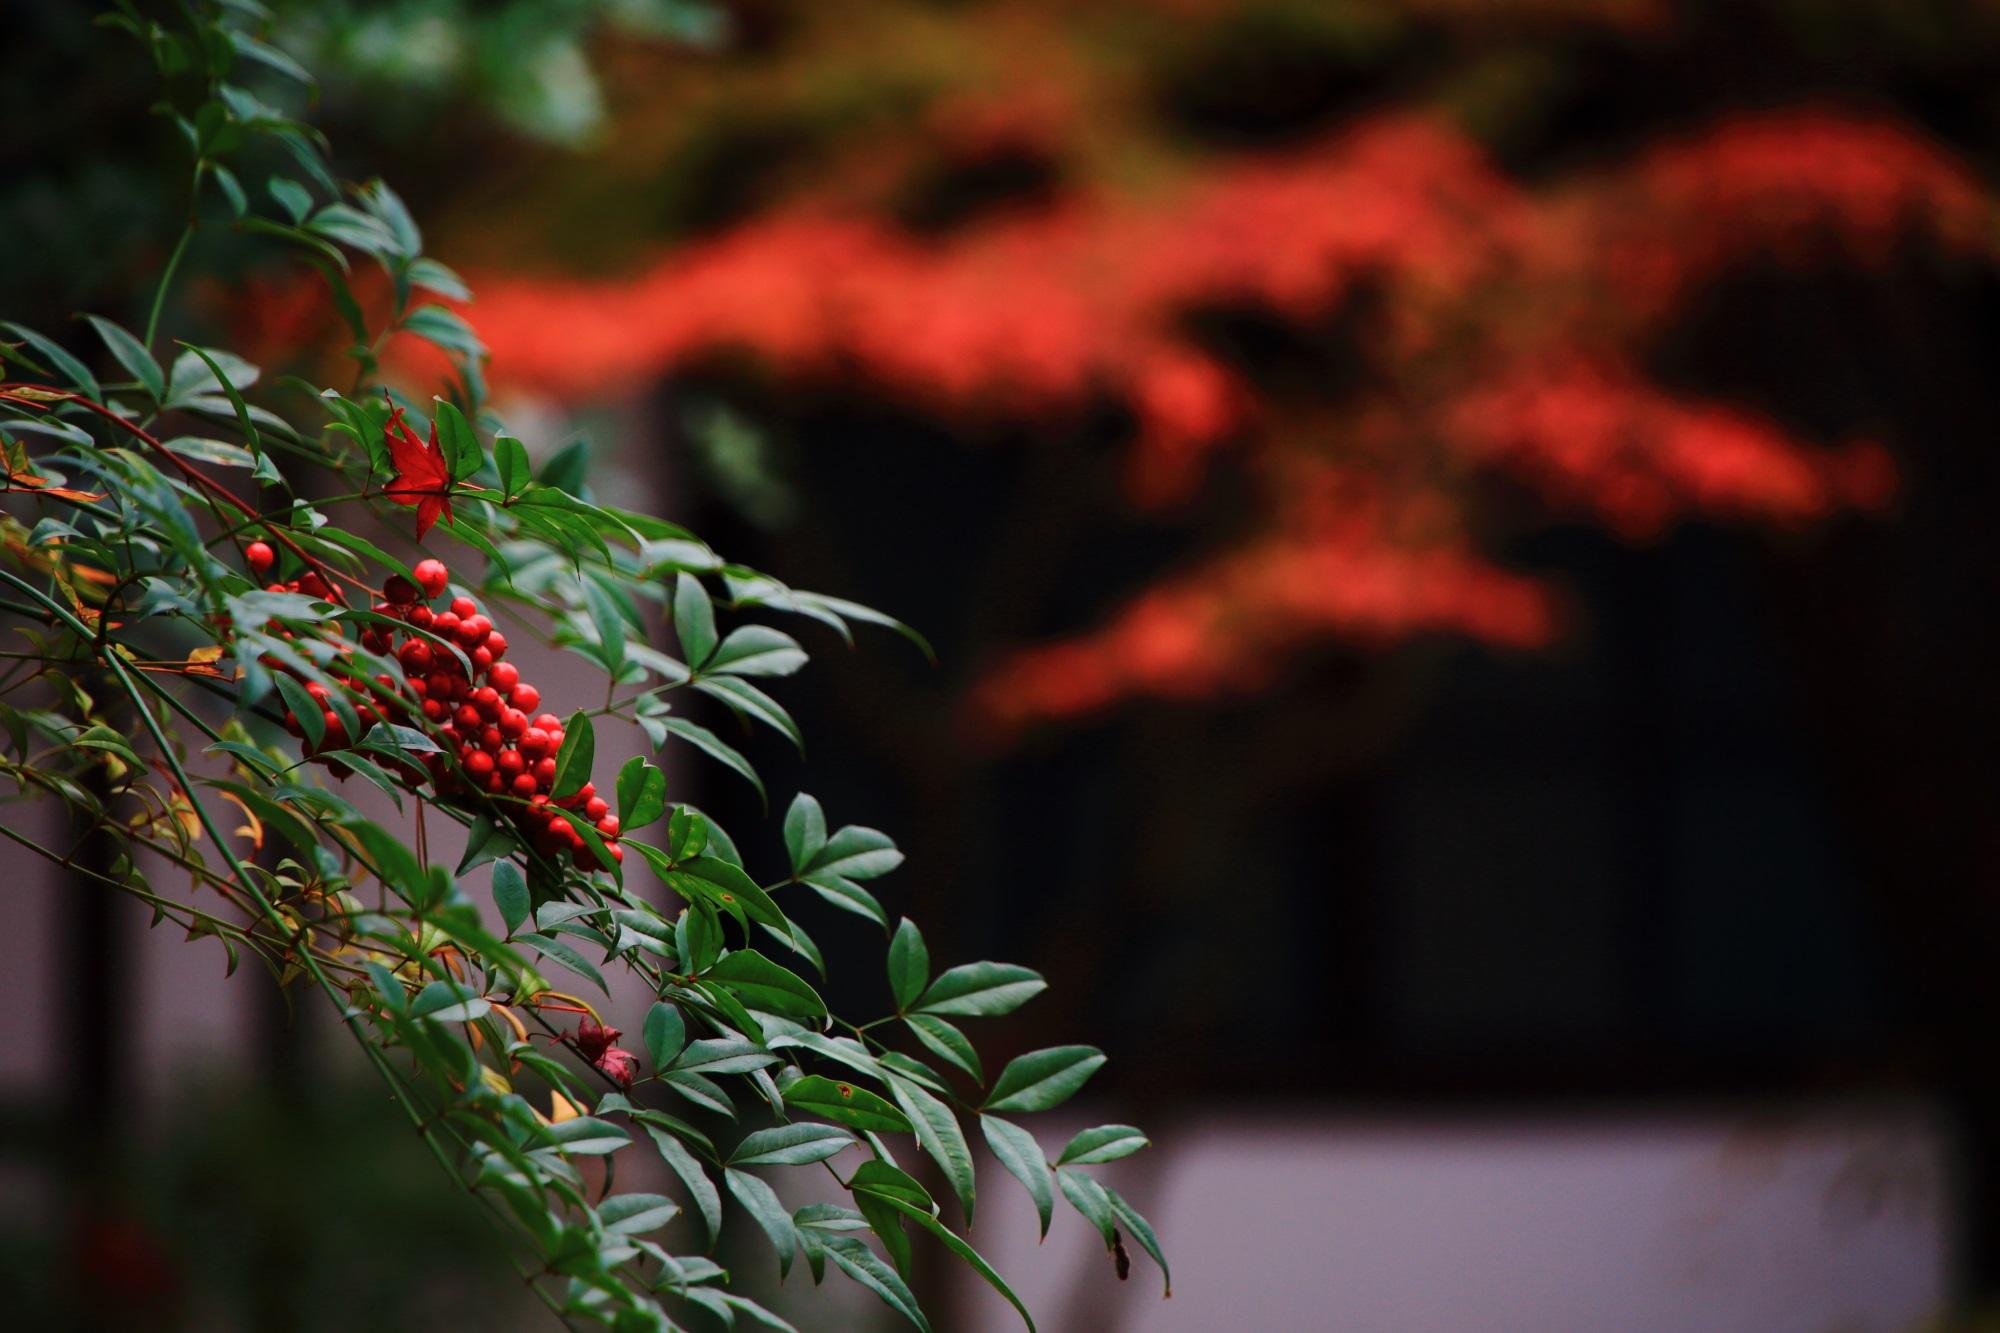 廬山寺の中庭の南天の赤い実と紅葉